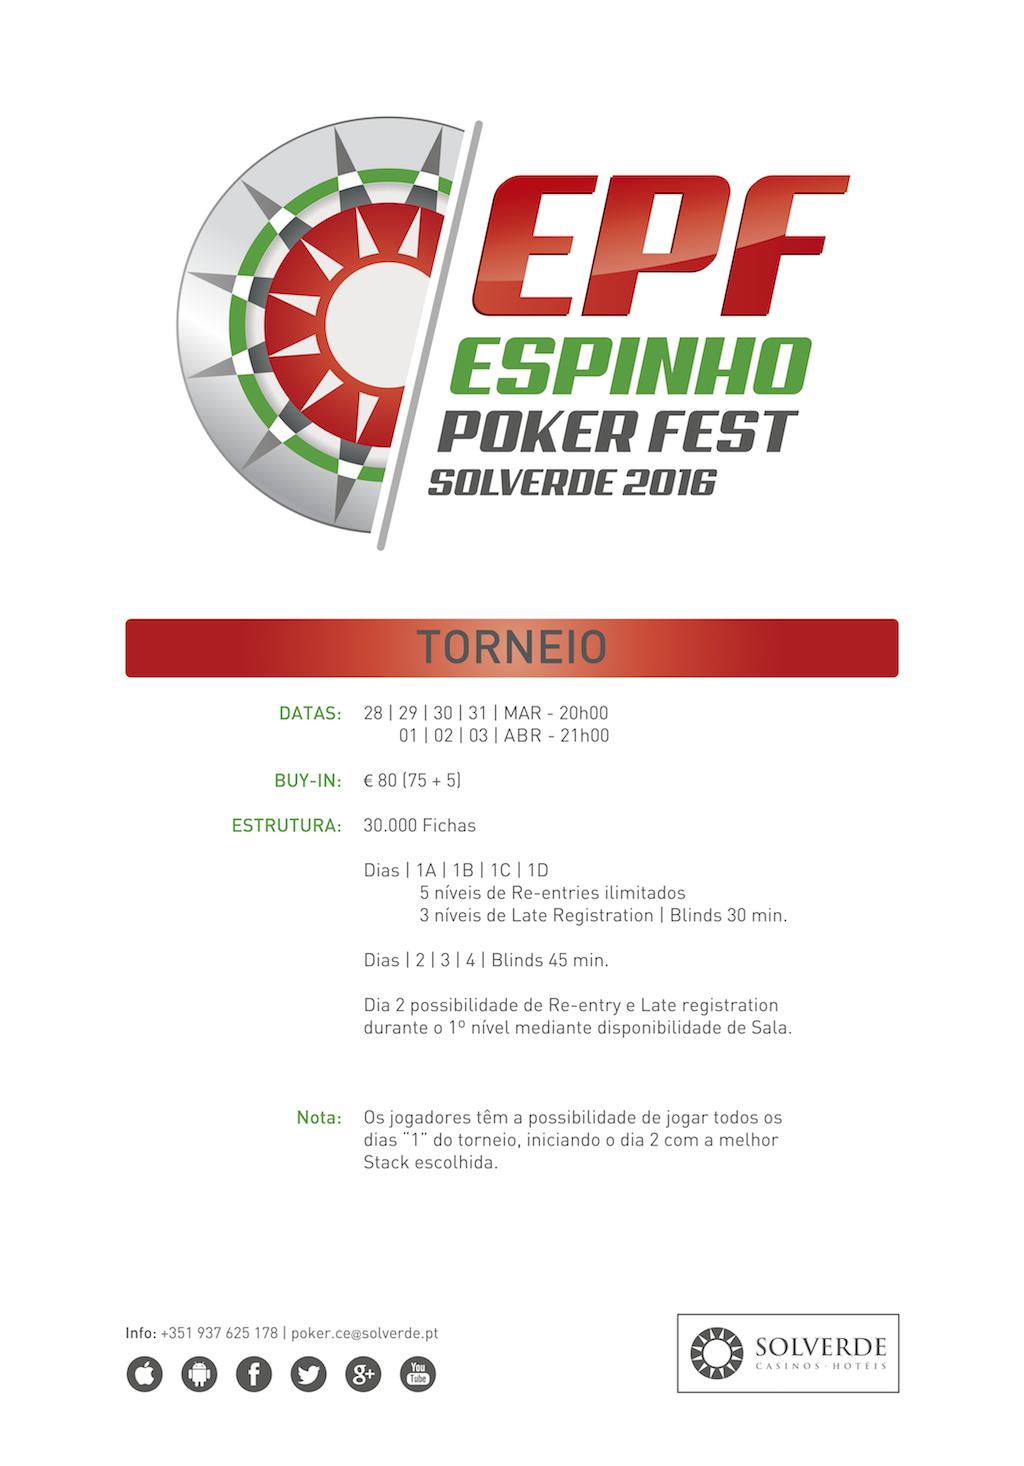 Espinho Poker Fest de 28 de Março a 3 de Abril no Casino de Espinho 101